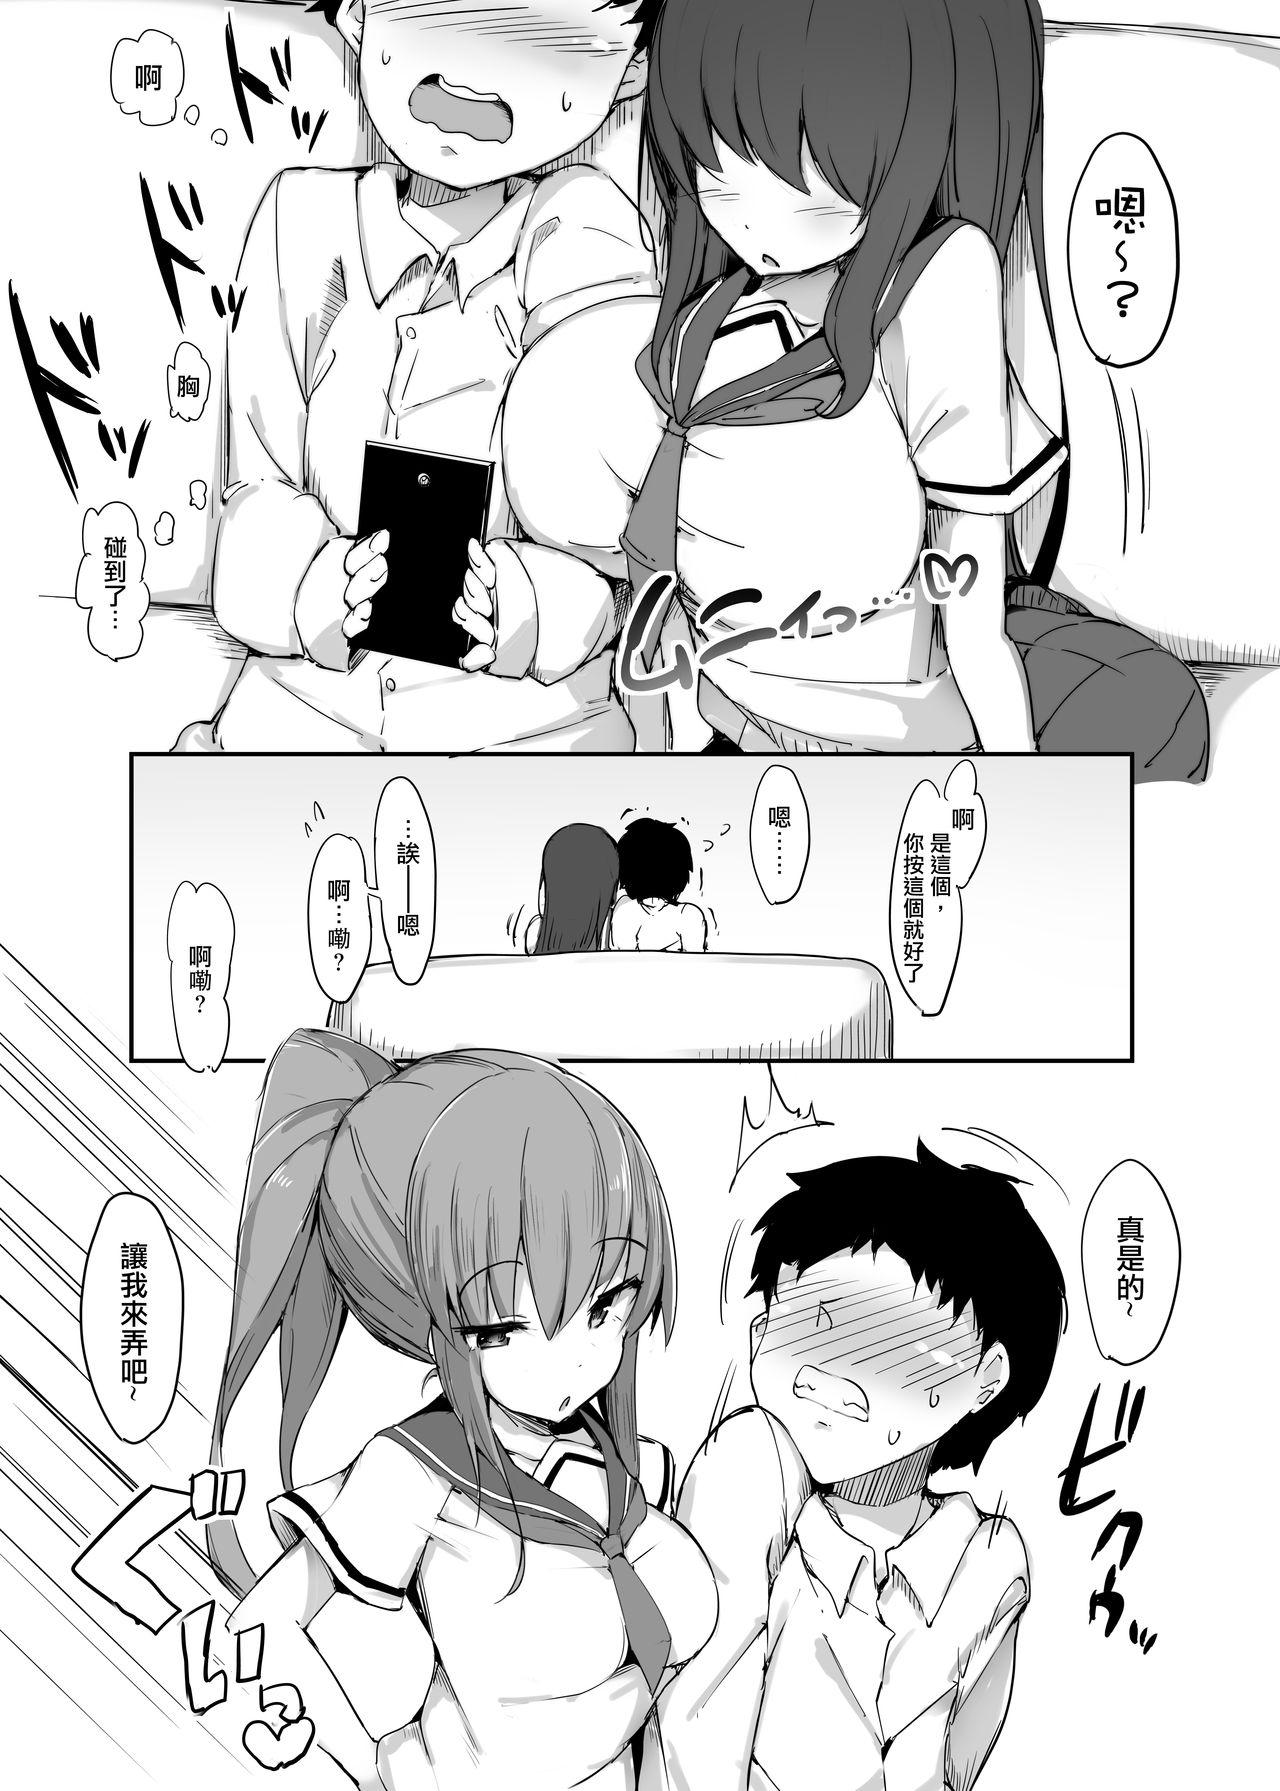 Hajimete no mitsugimazo ke choukyou- 8